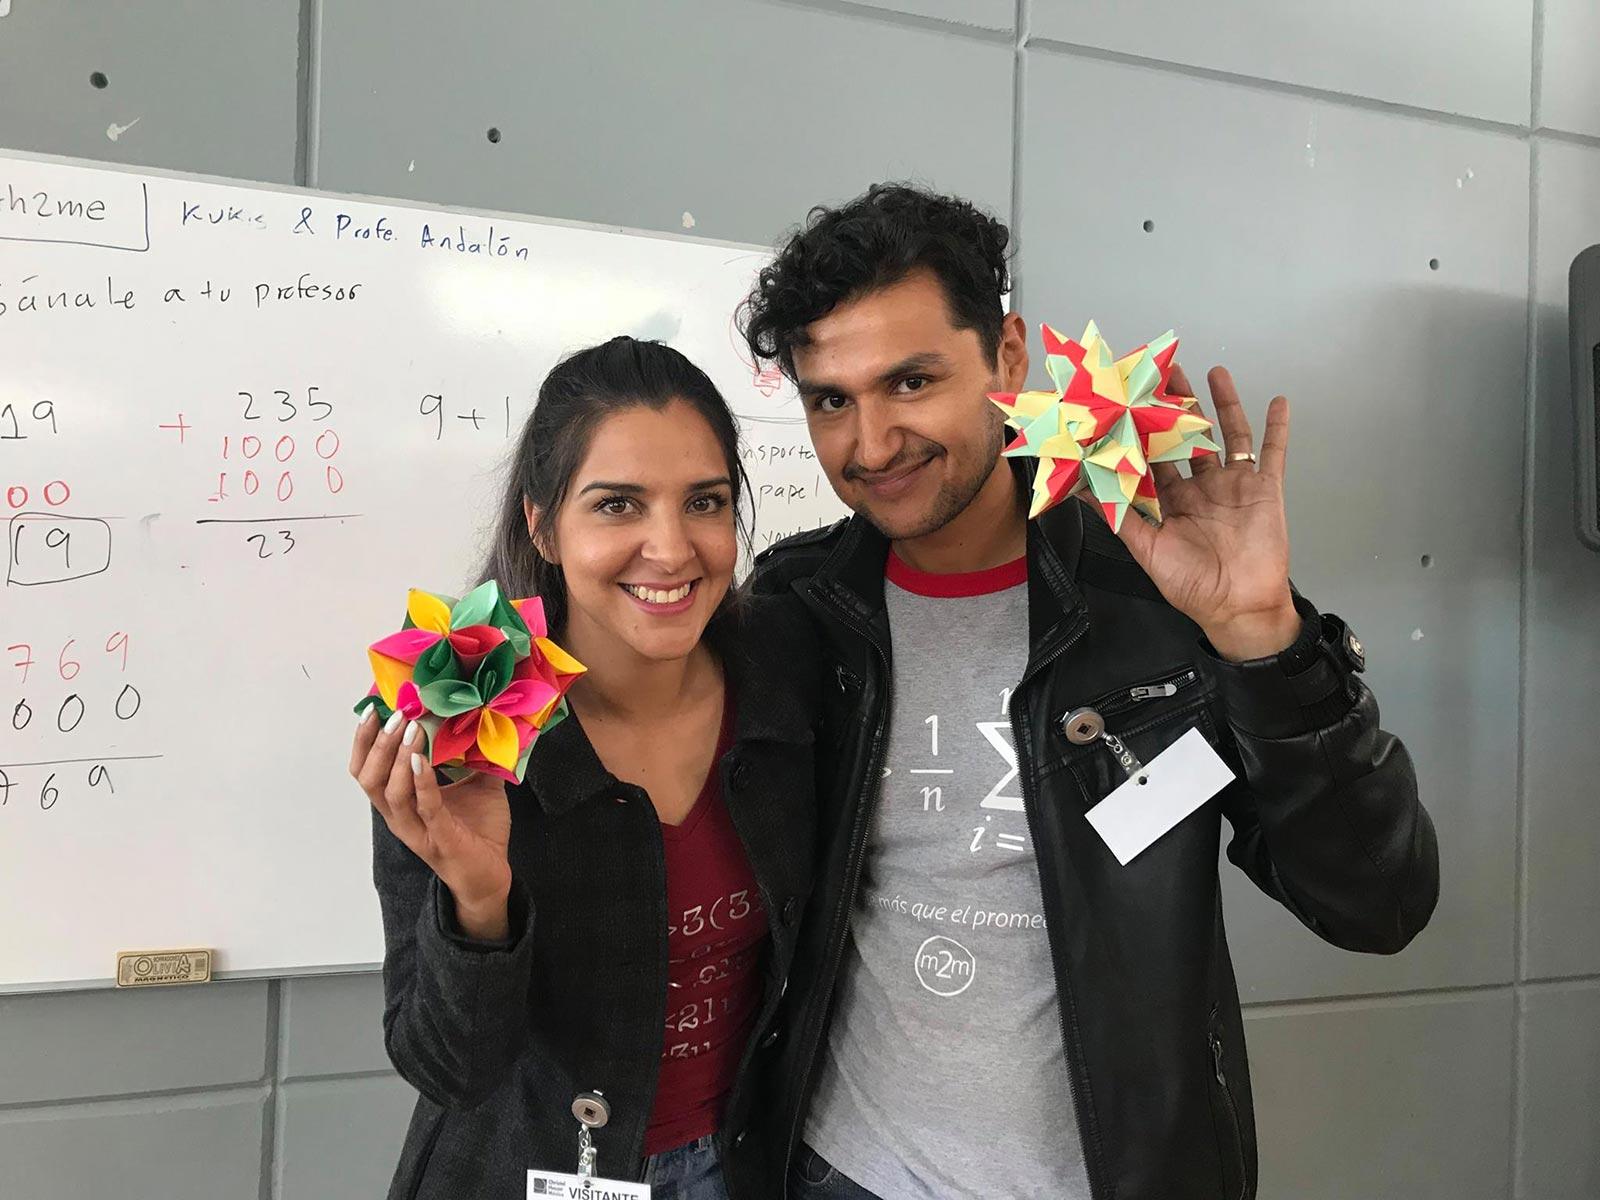 Math2me, el aula digital que reúne más de 1 millón de estudiantes para aprender matemáticas